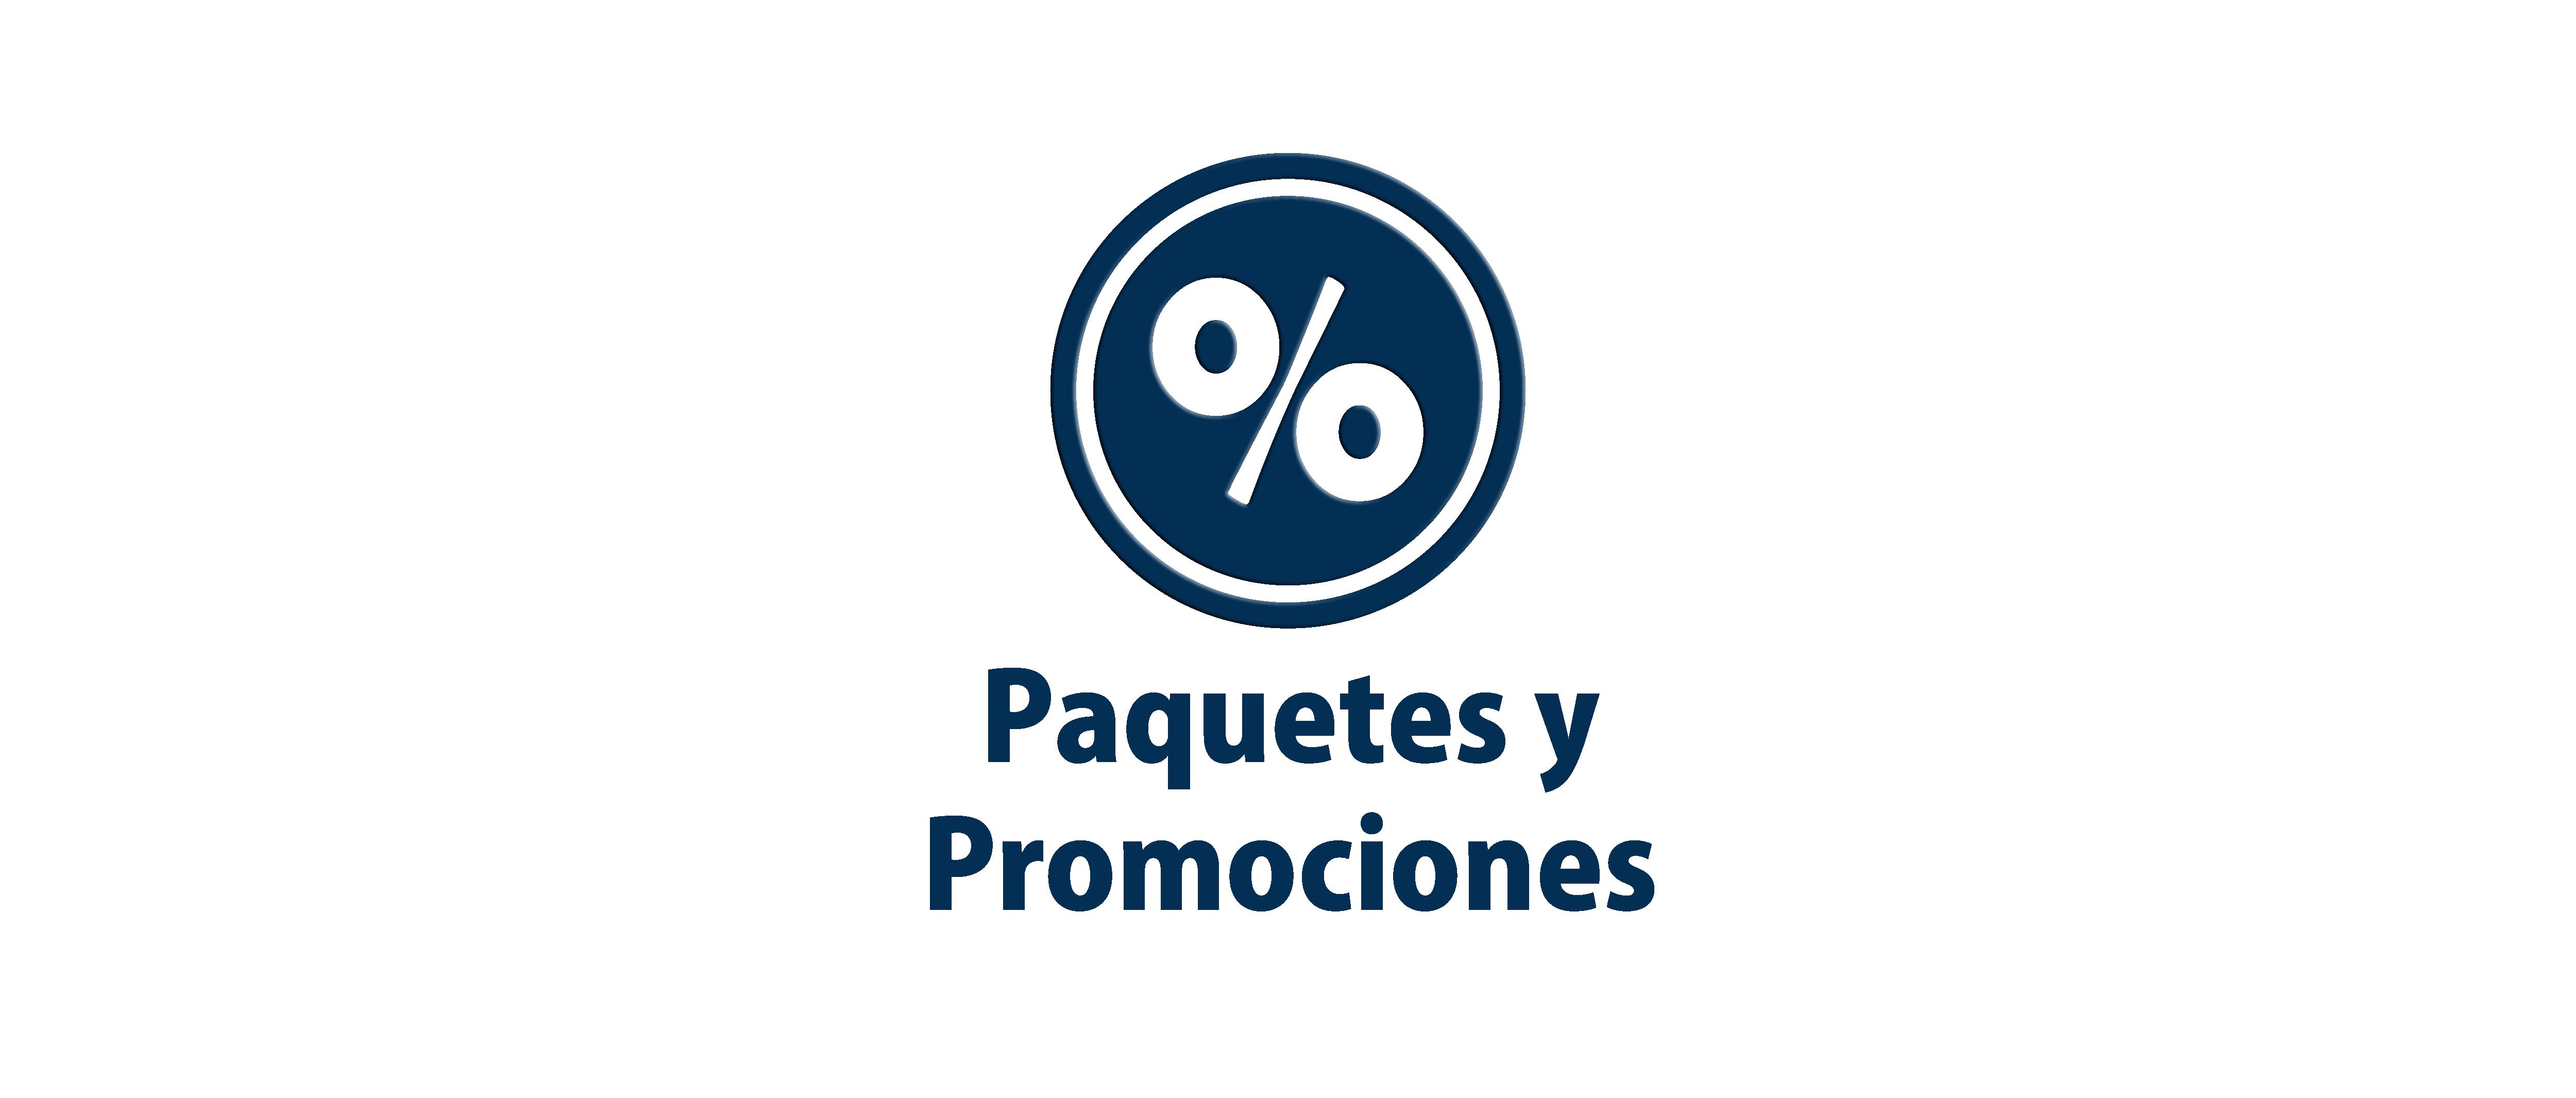 paquetes e promociones.png